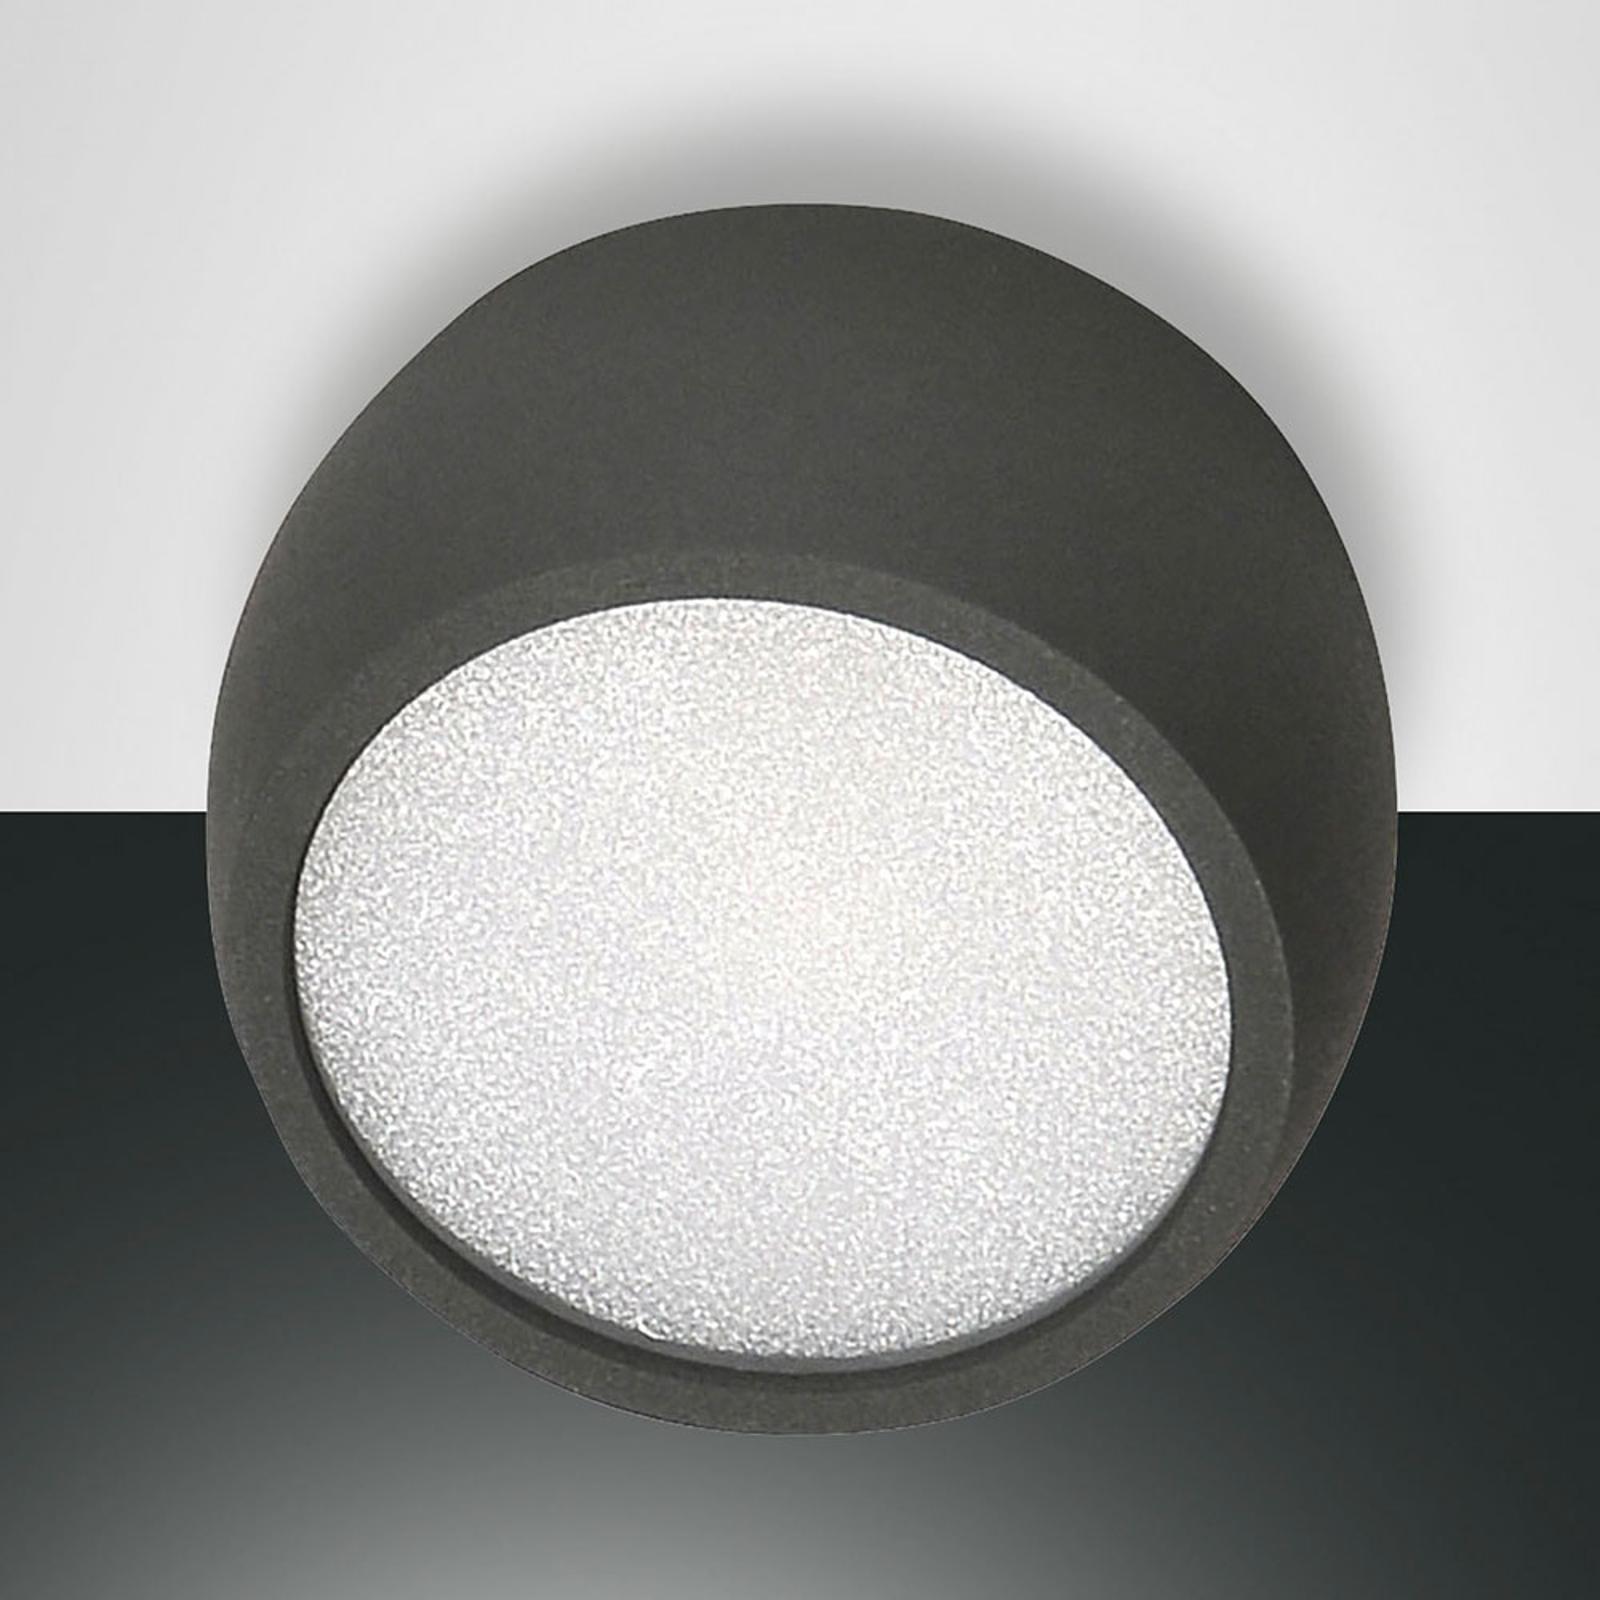 Ronde LED downlight Vasto, antraciet